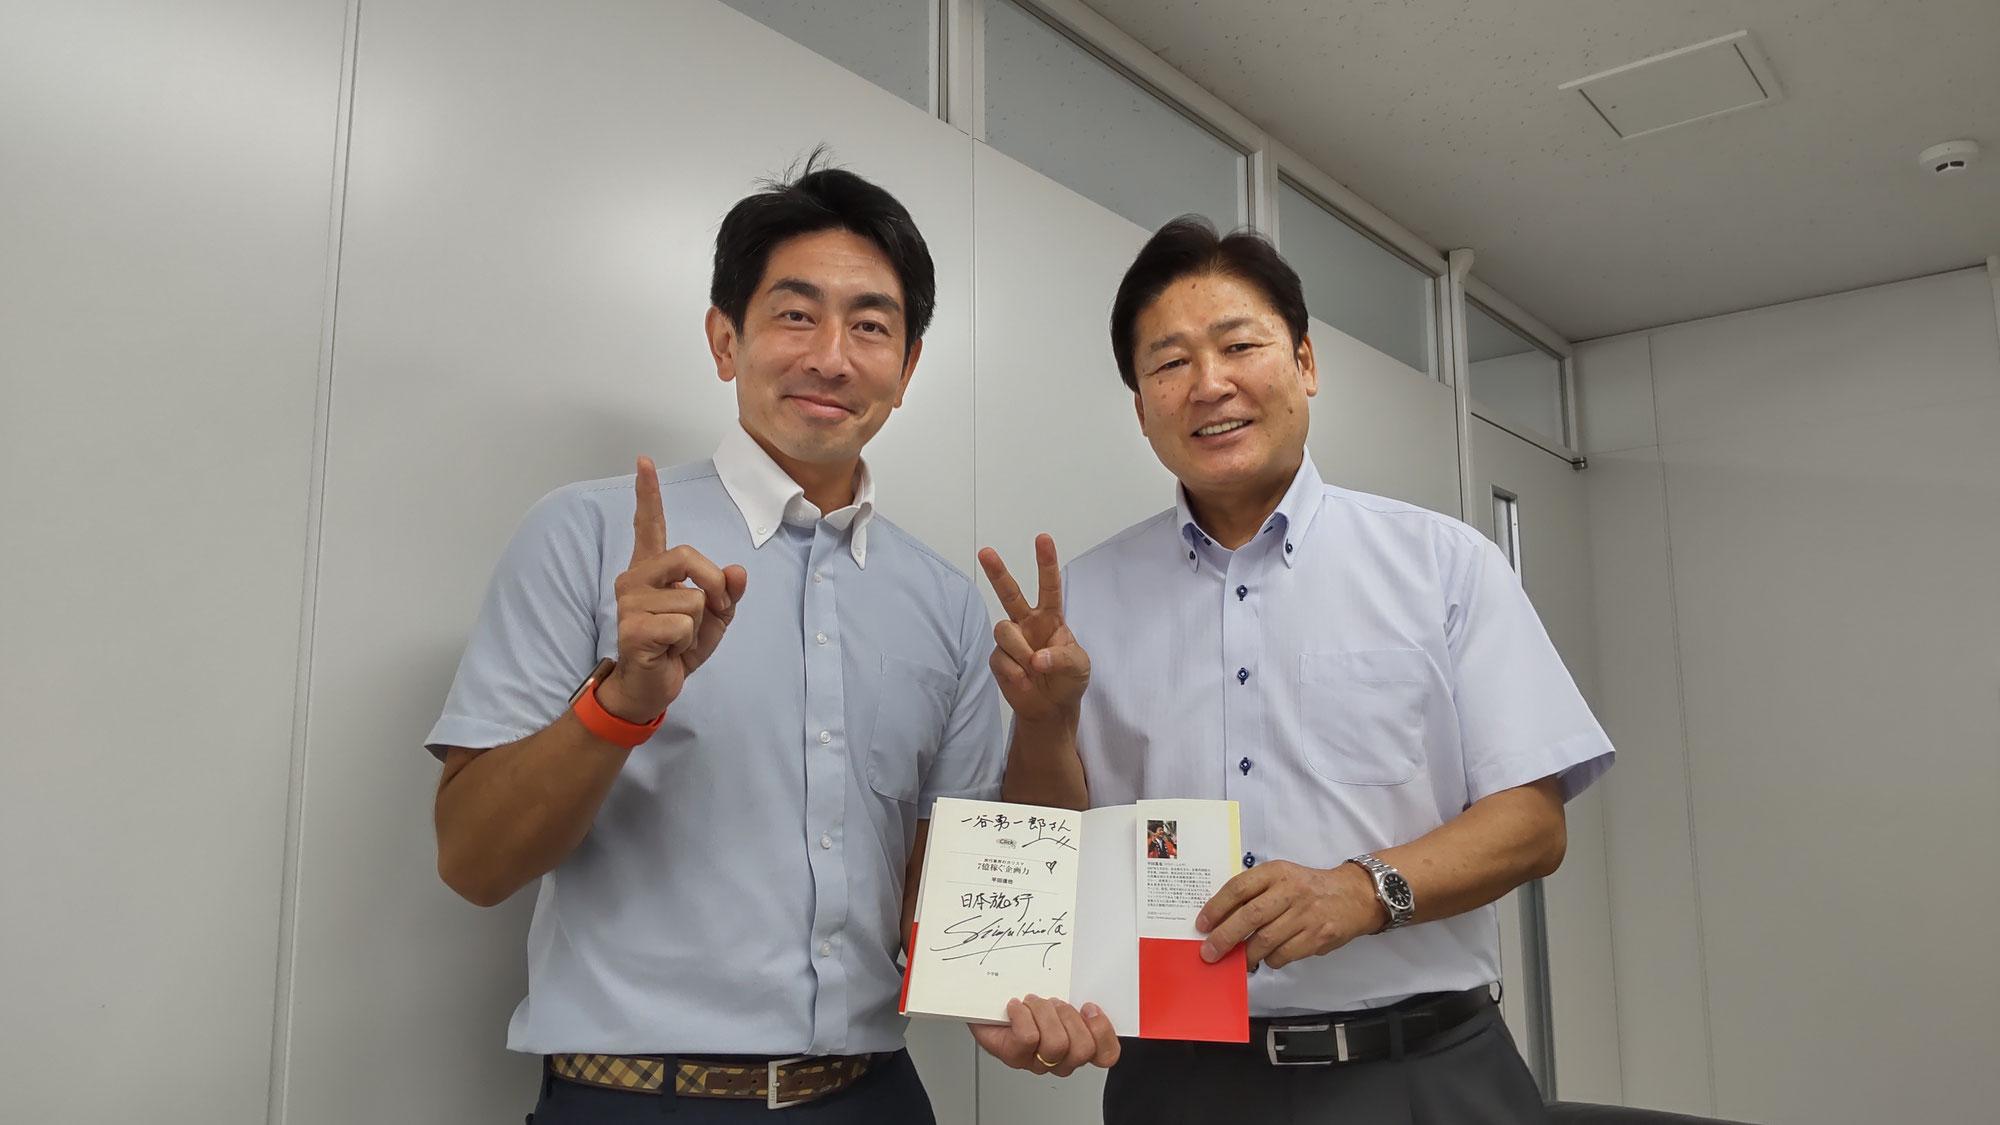 カリスマ添乗員 「おもしろ旅企 画 ヒラタ屋」代表、平田進也さん訪問禄。